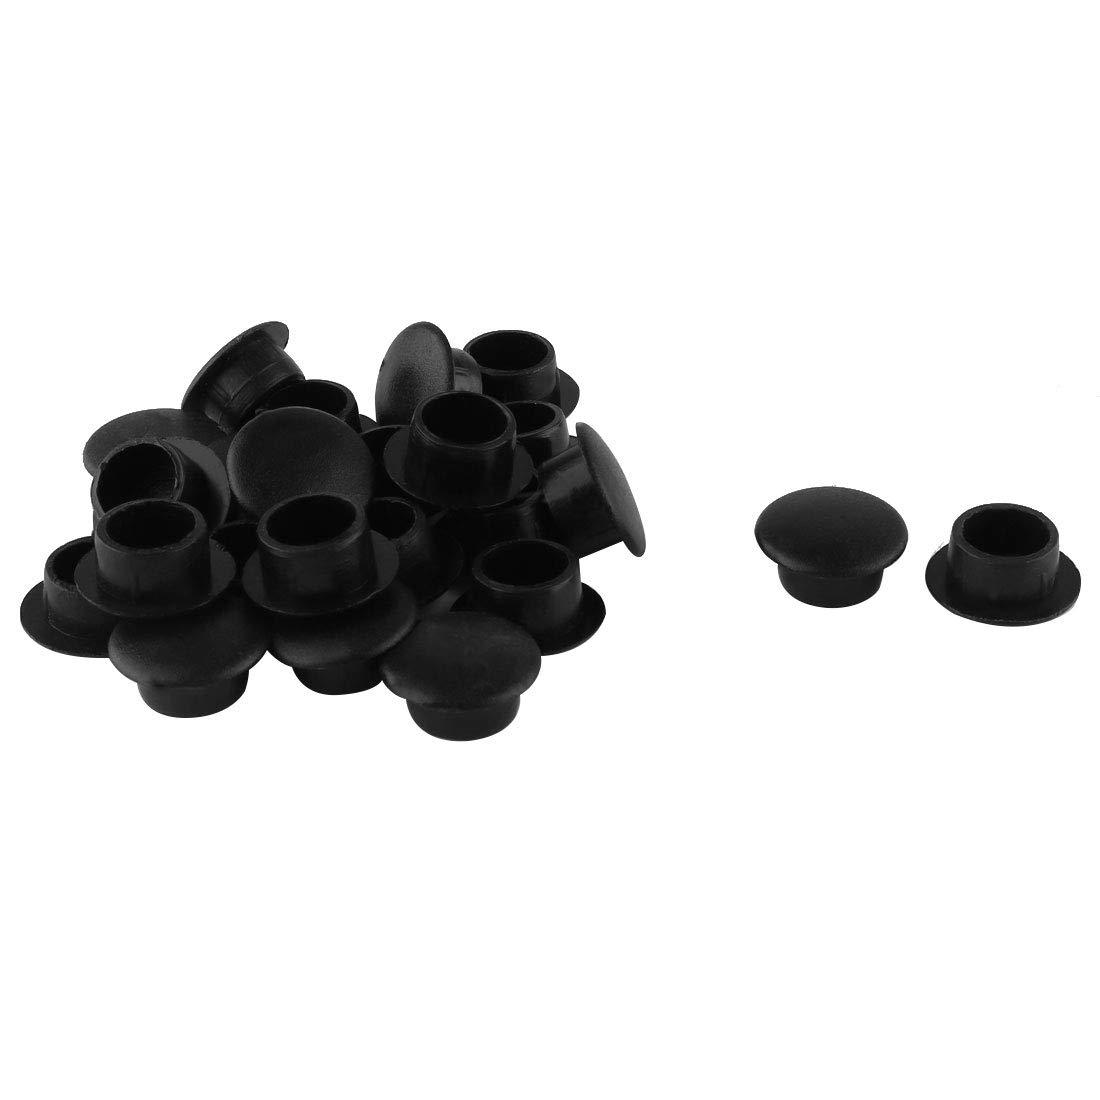 sourcingmap® 24 Pz. Plastica 10mm Diametro Incasso Tappi Piedini Caps Copri Nera a14091000ux0269